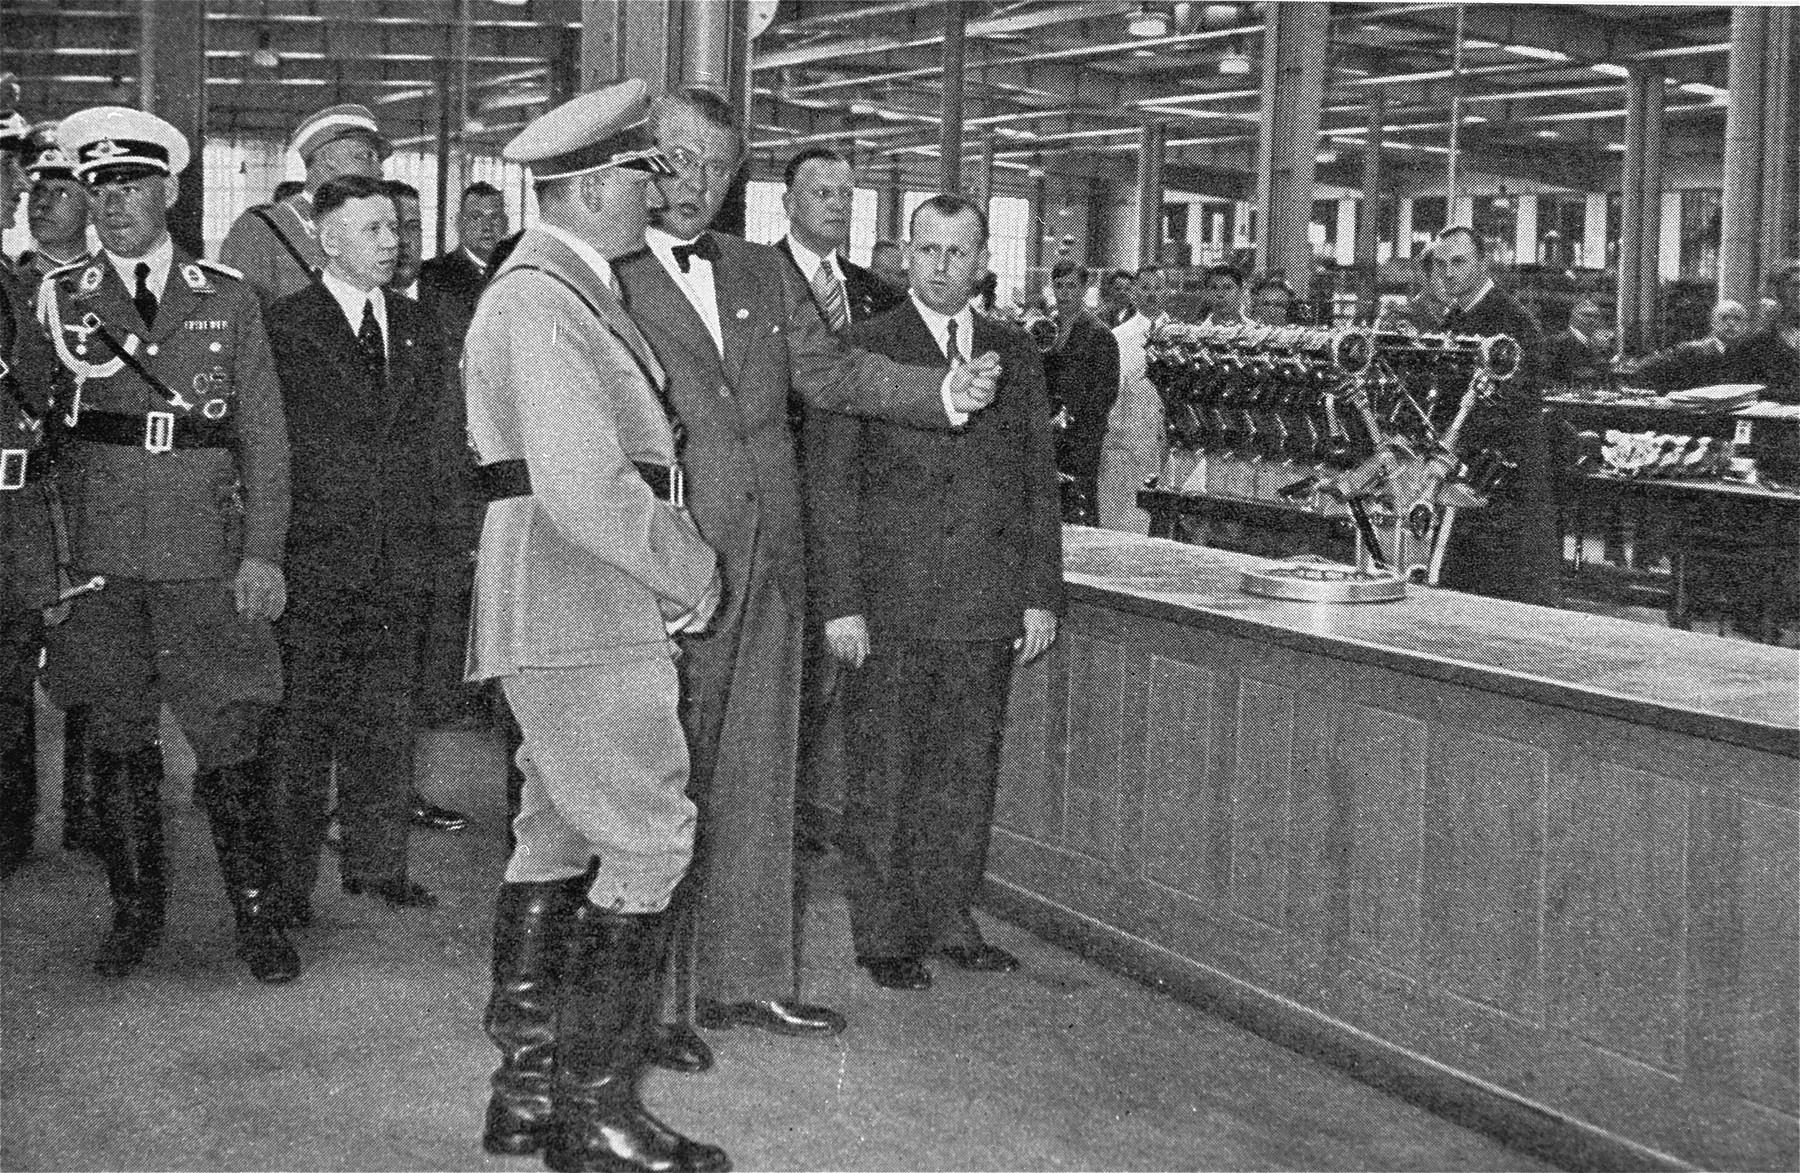 Franz-Josef Popp, Director General of Bayrischen Motorenwerken (BMW) gives Adolf Hitler a tour of a factory.